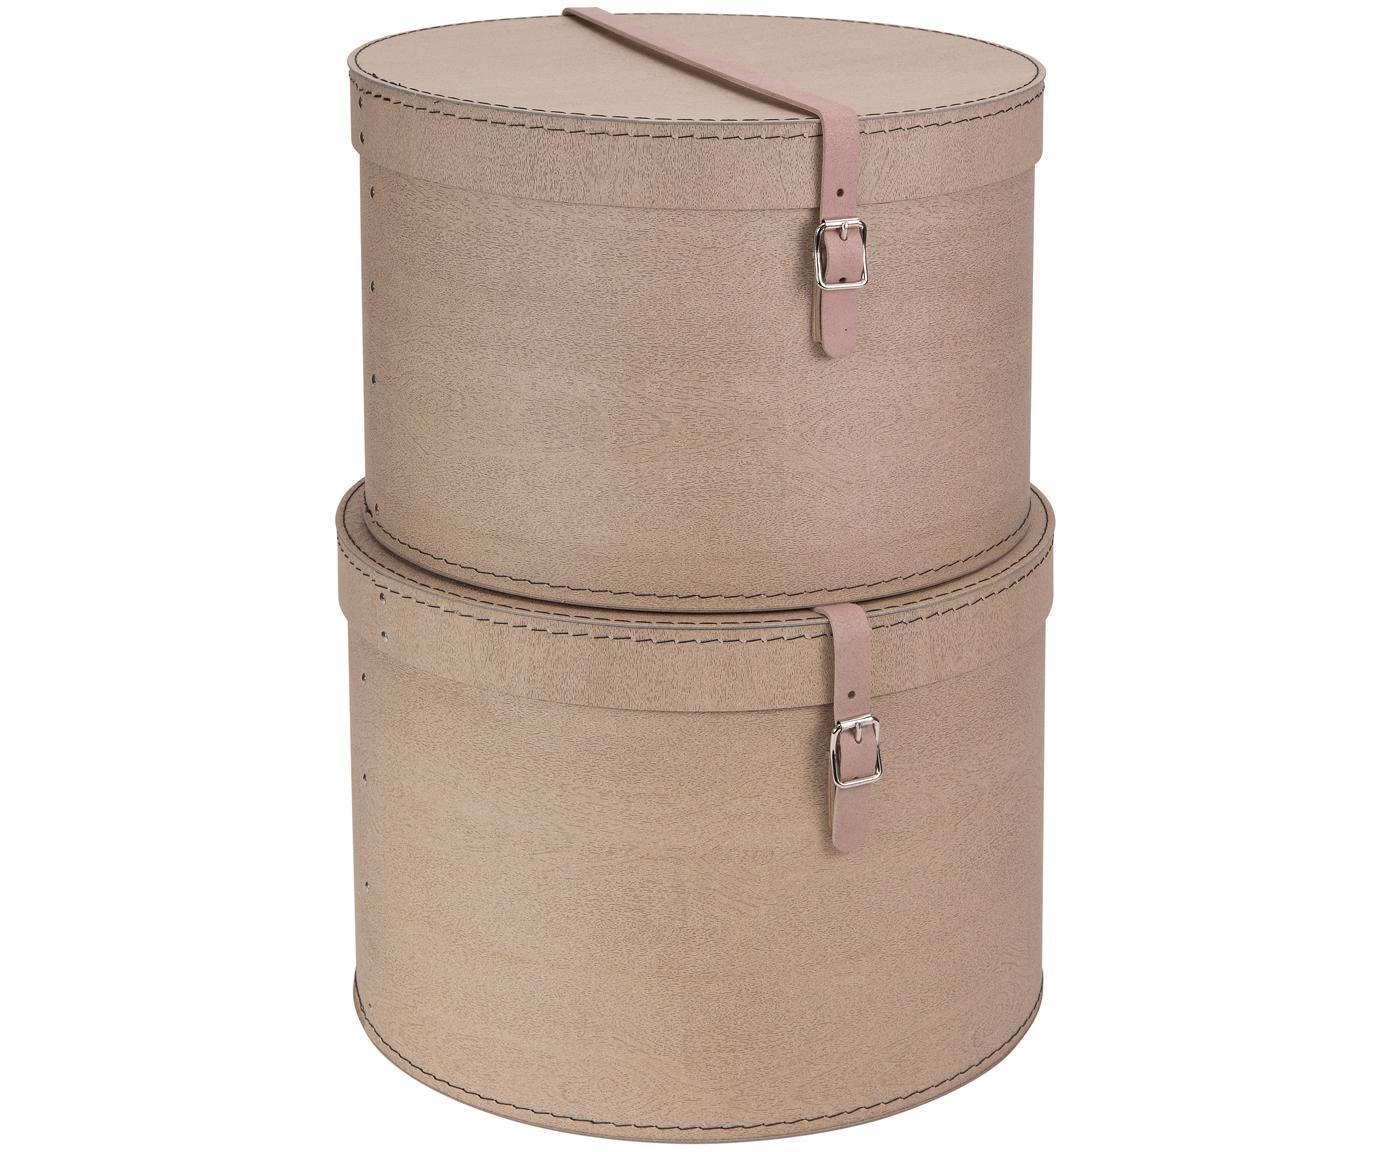 Opbergdozen set Rut, 2-delig, Doos: massief karton, met houtd, Doos buitenzijde: beige. Doos binnenzijde: zwart. Handvat: beige, Verschillende formaten